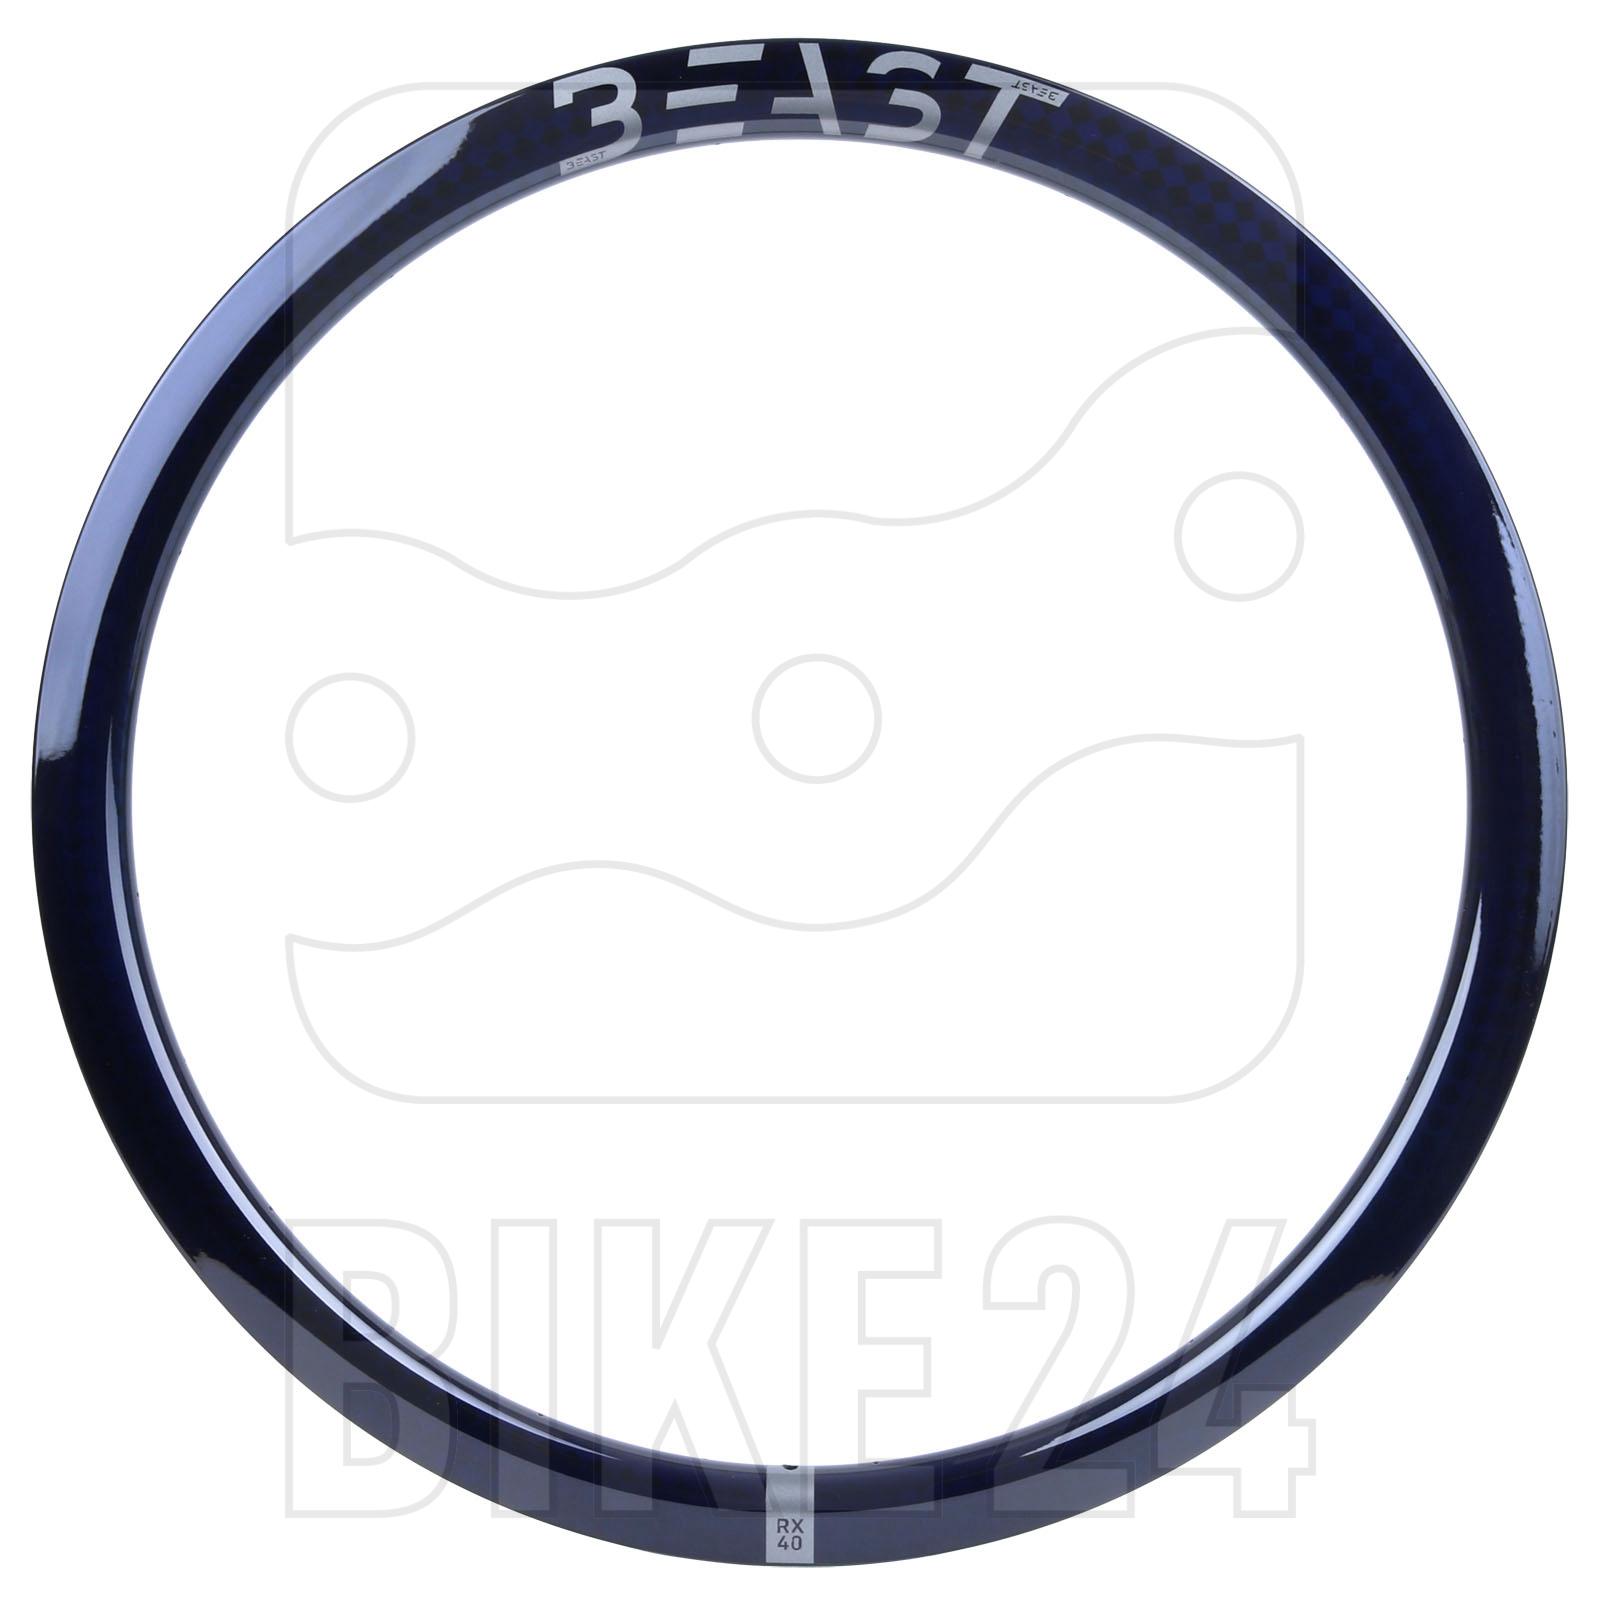 Beast Components RX40 Carbon Disc Clincher Rim - 21-622 - 24 Hole - SQUARE blue